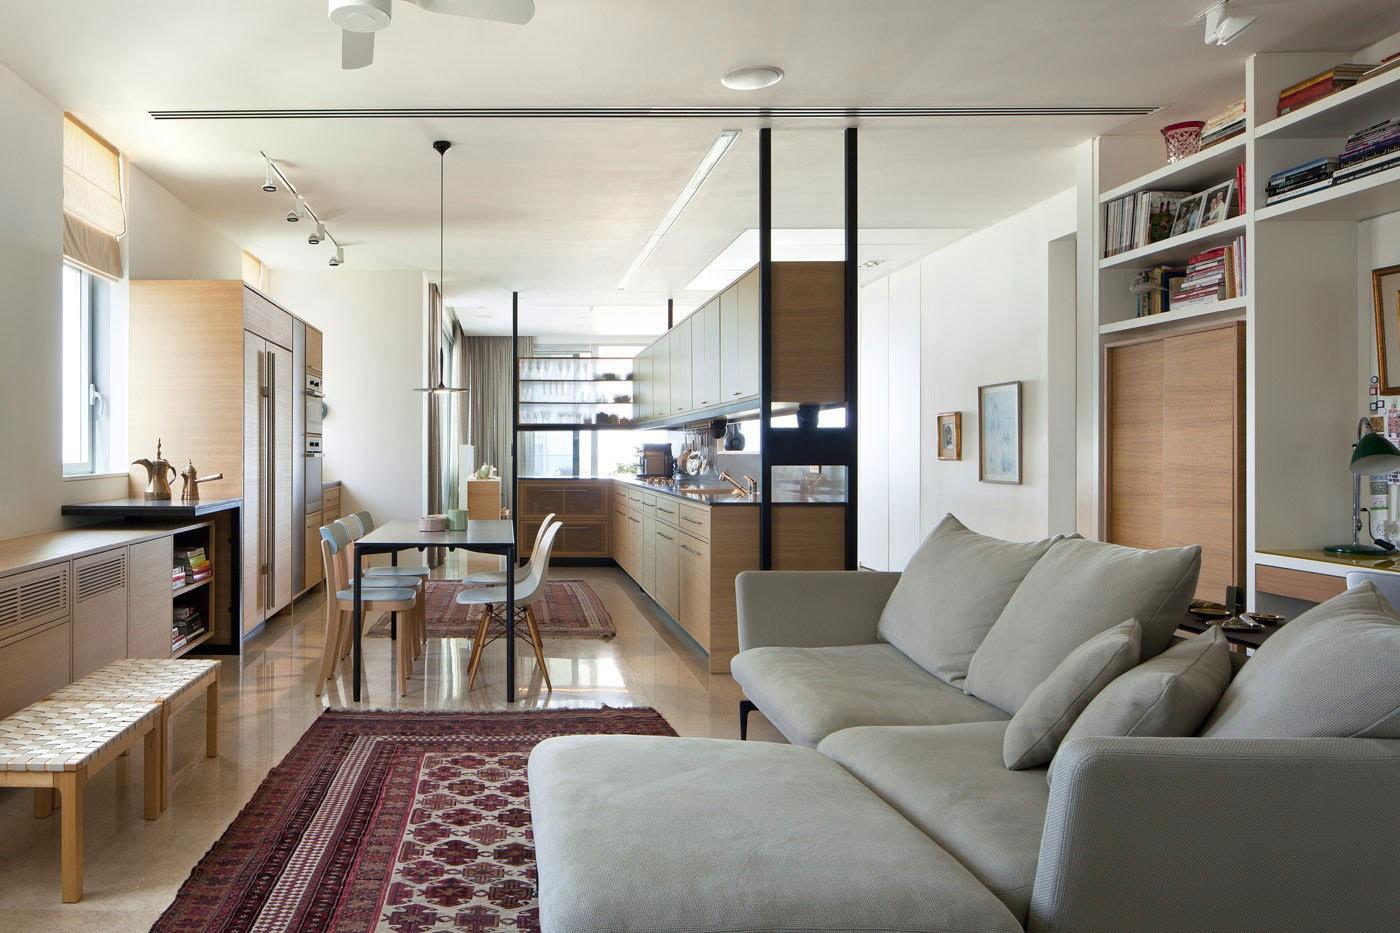 三室两厅创意装修图片_居家生活就该如此